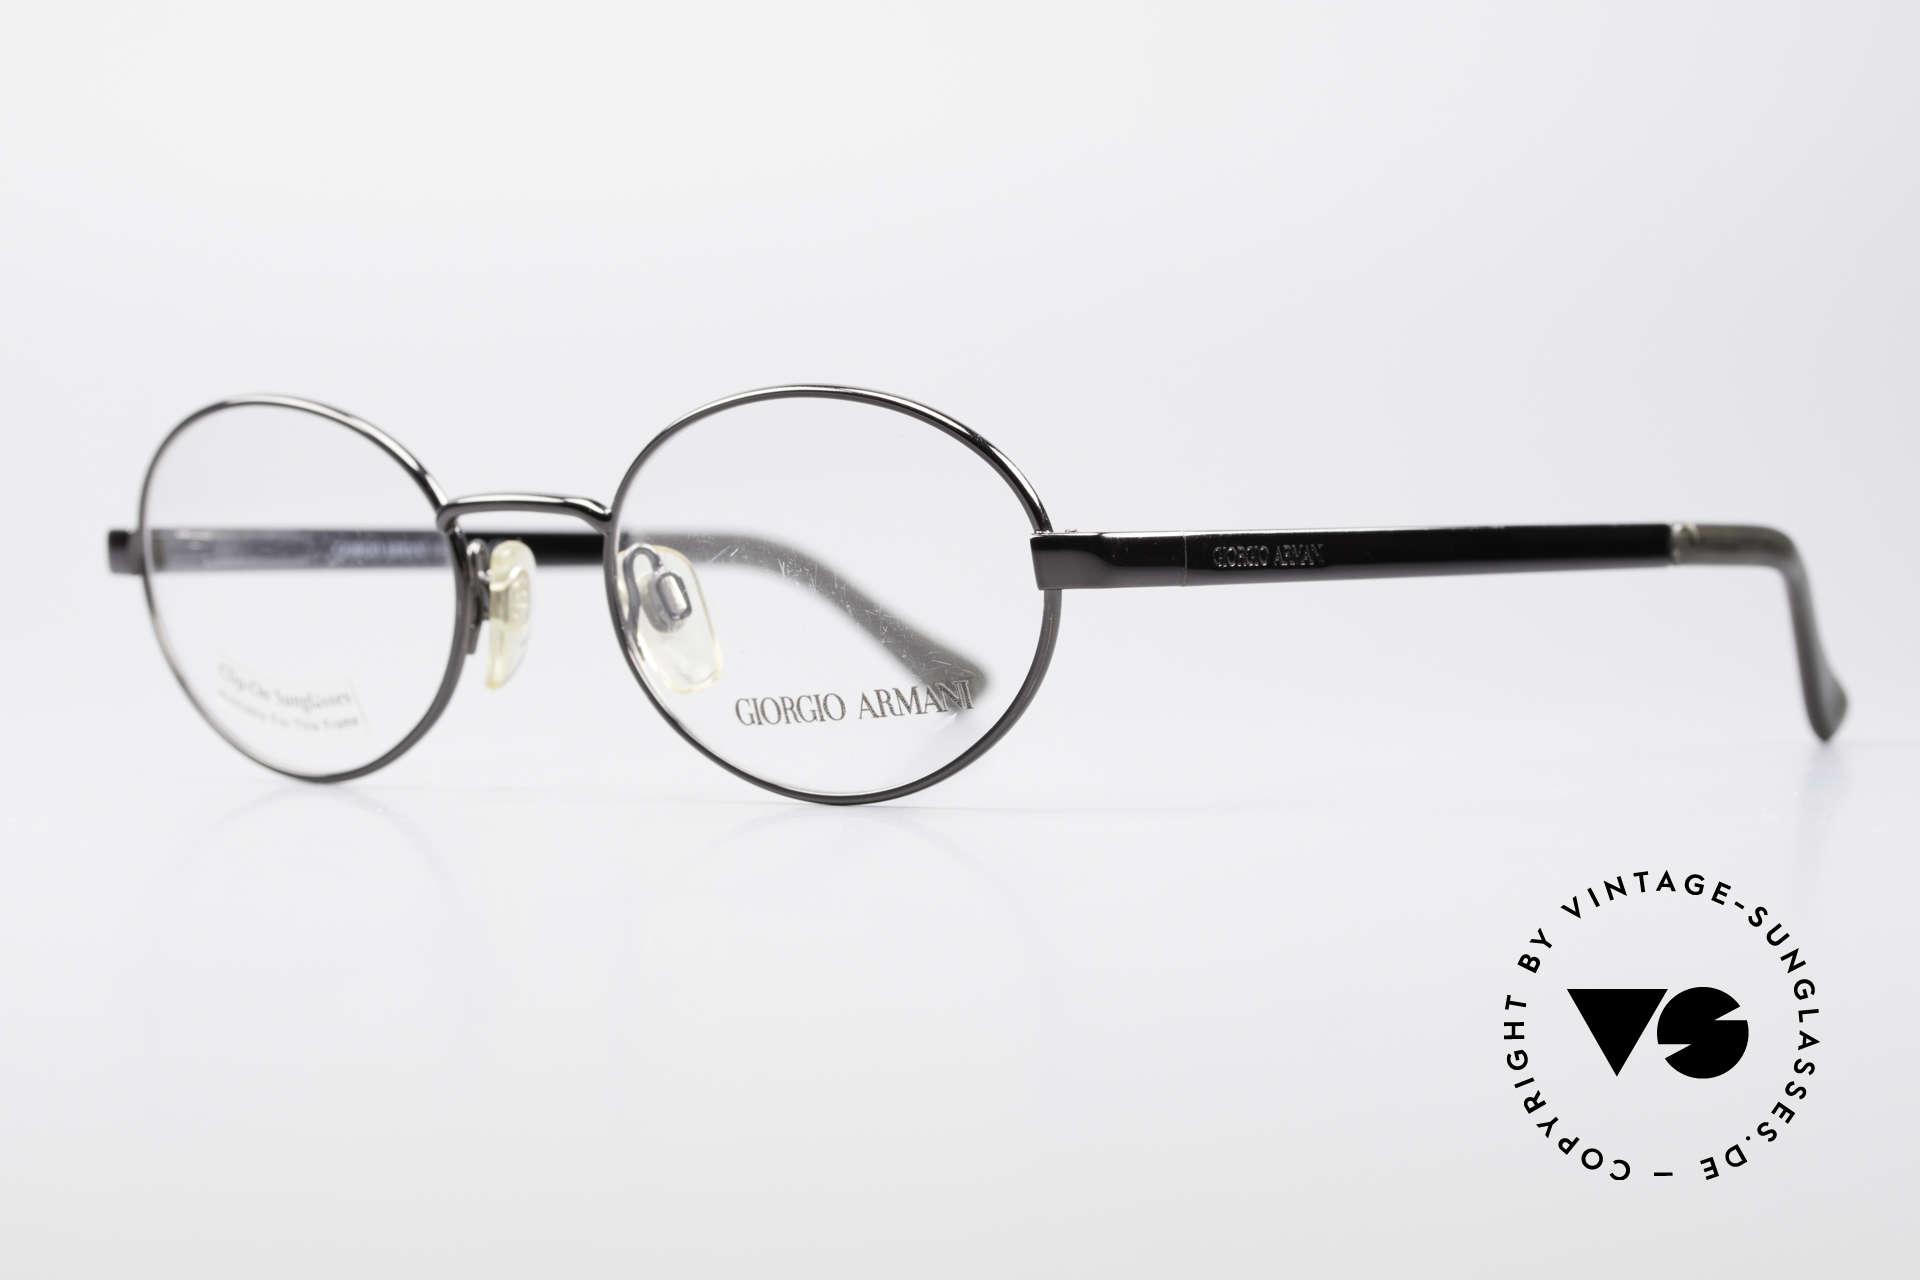 6550acce055e Glasses giorgio armani oval vintage eyeglasses vintage jpg 1920x1280 Giorgio  armani oval eyeglasses